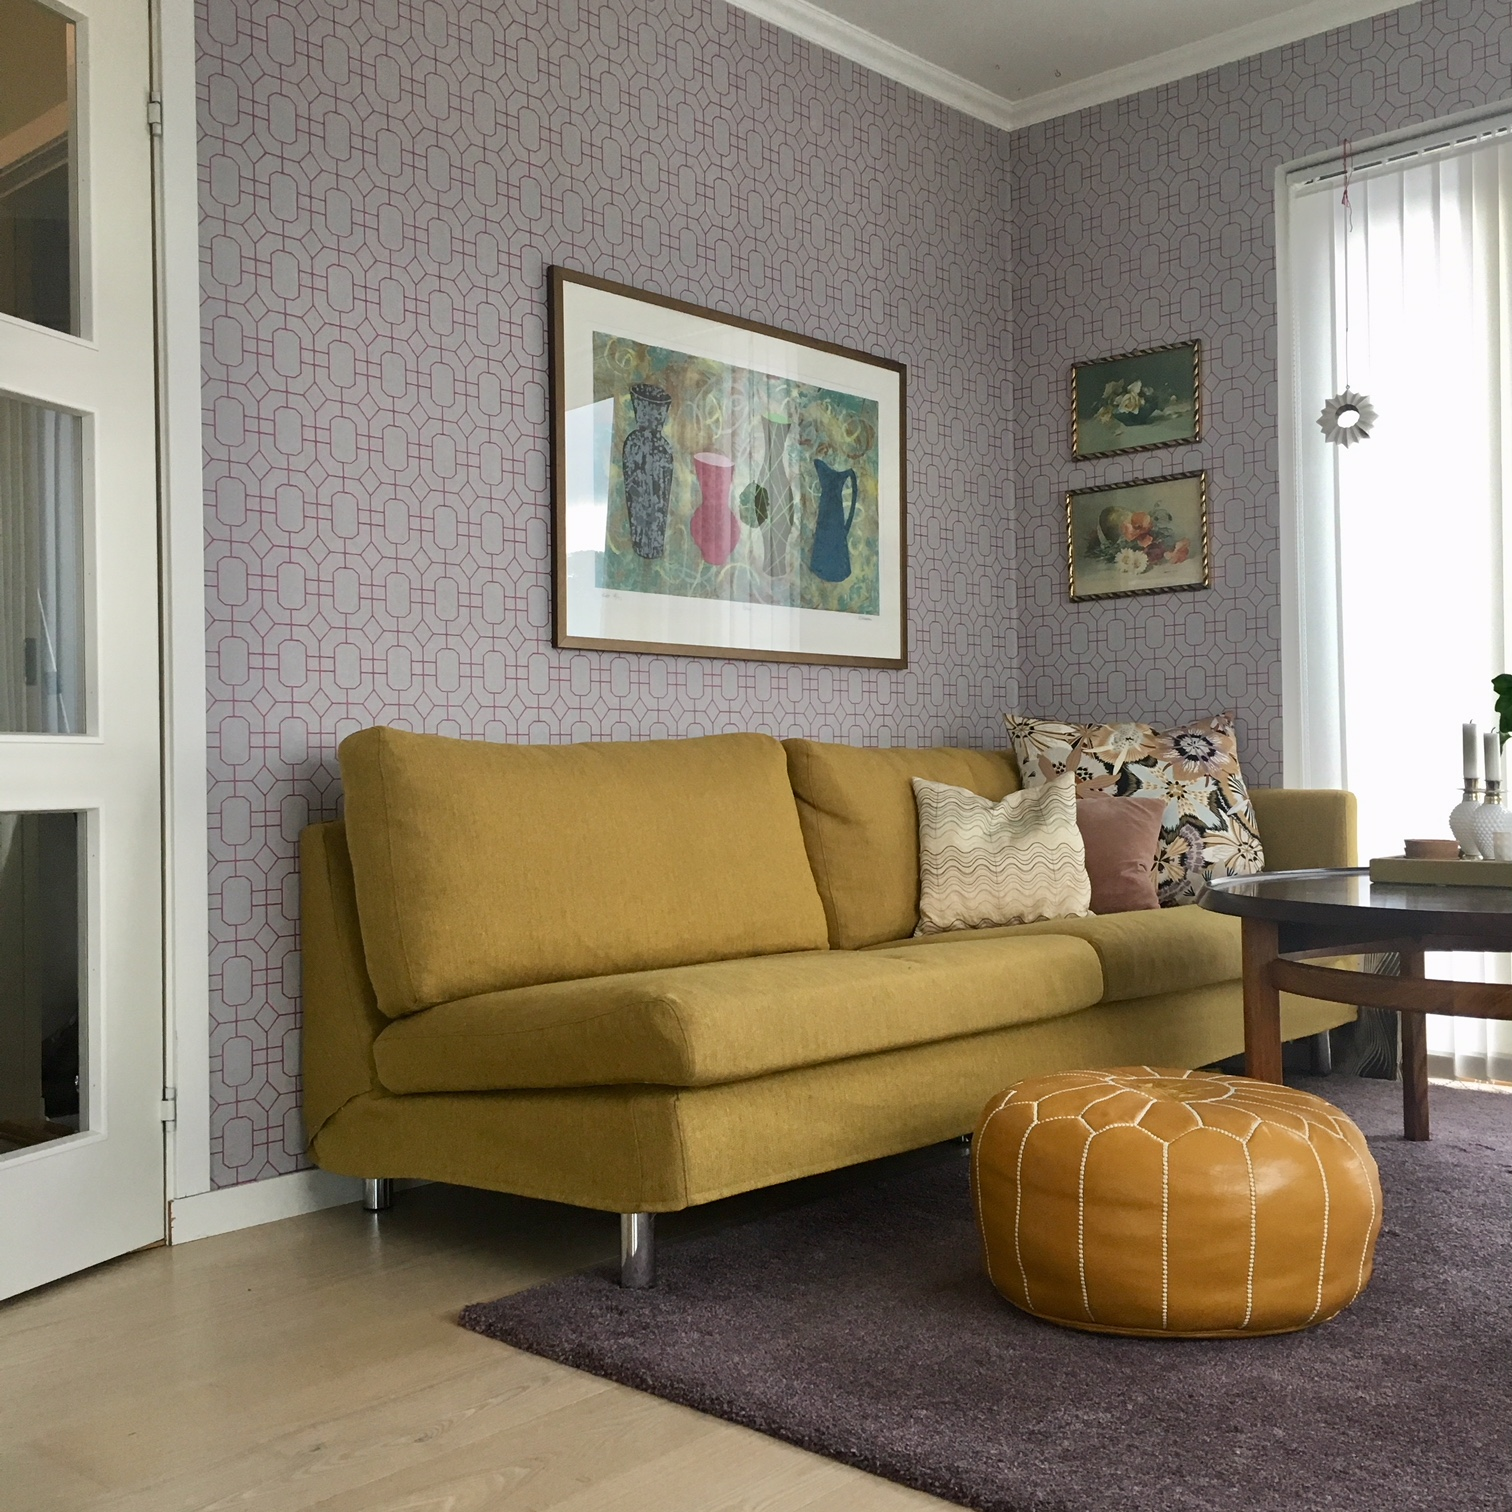 Daybed, redesign, DIY sofa, DIY daybed, rededesign signe schineller, resignert signe, redesign daybed, lag sofa selv, lag din egen daybed, bohus sofa, bohus sits sofa,